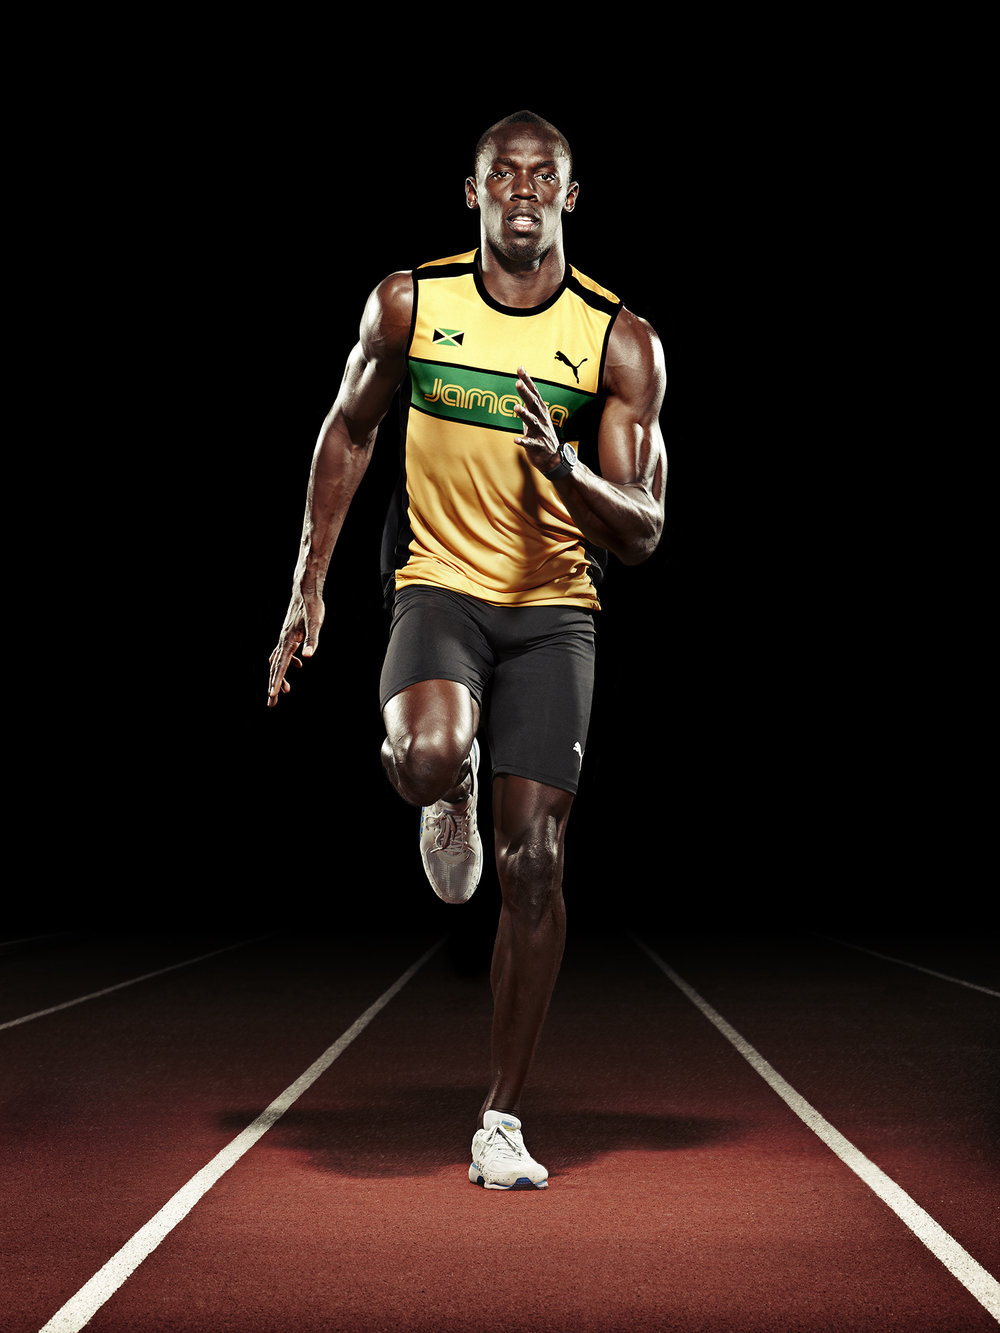 Usain_Bolt 2050_v7.jpg